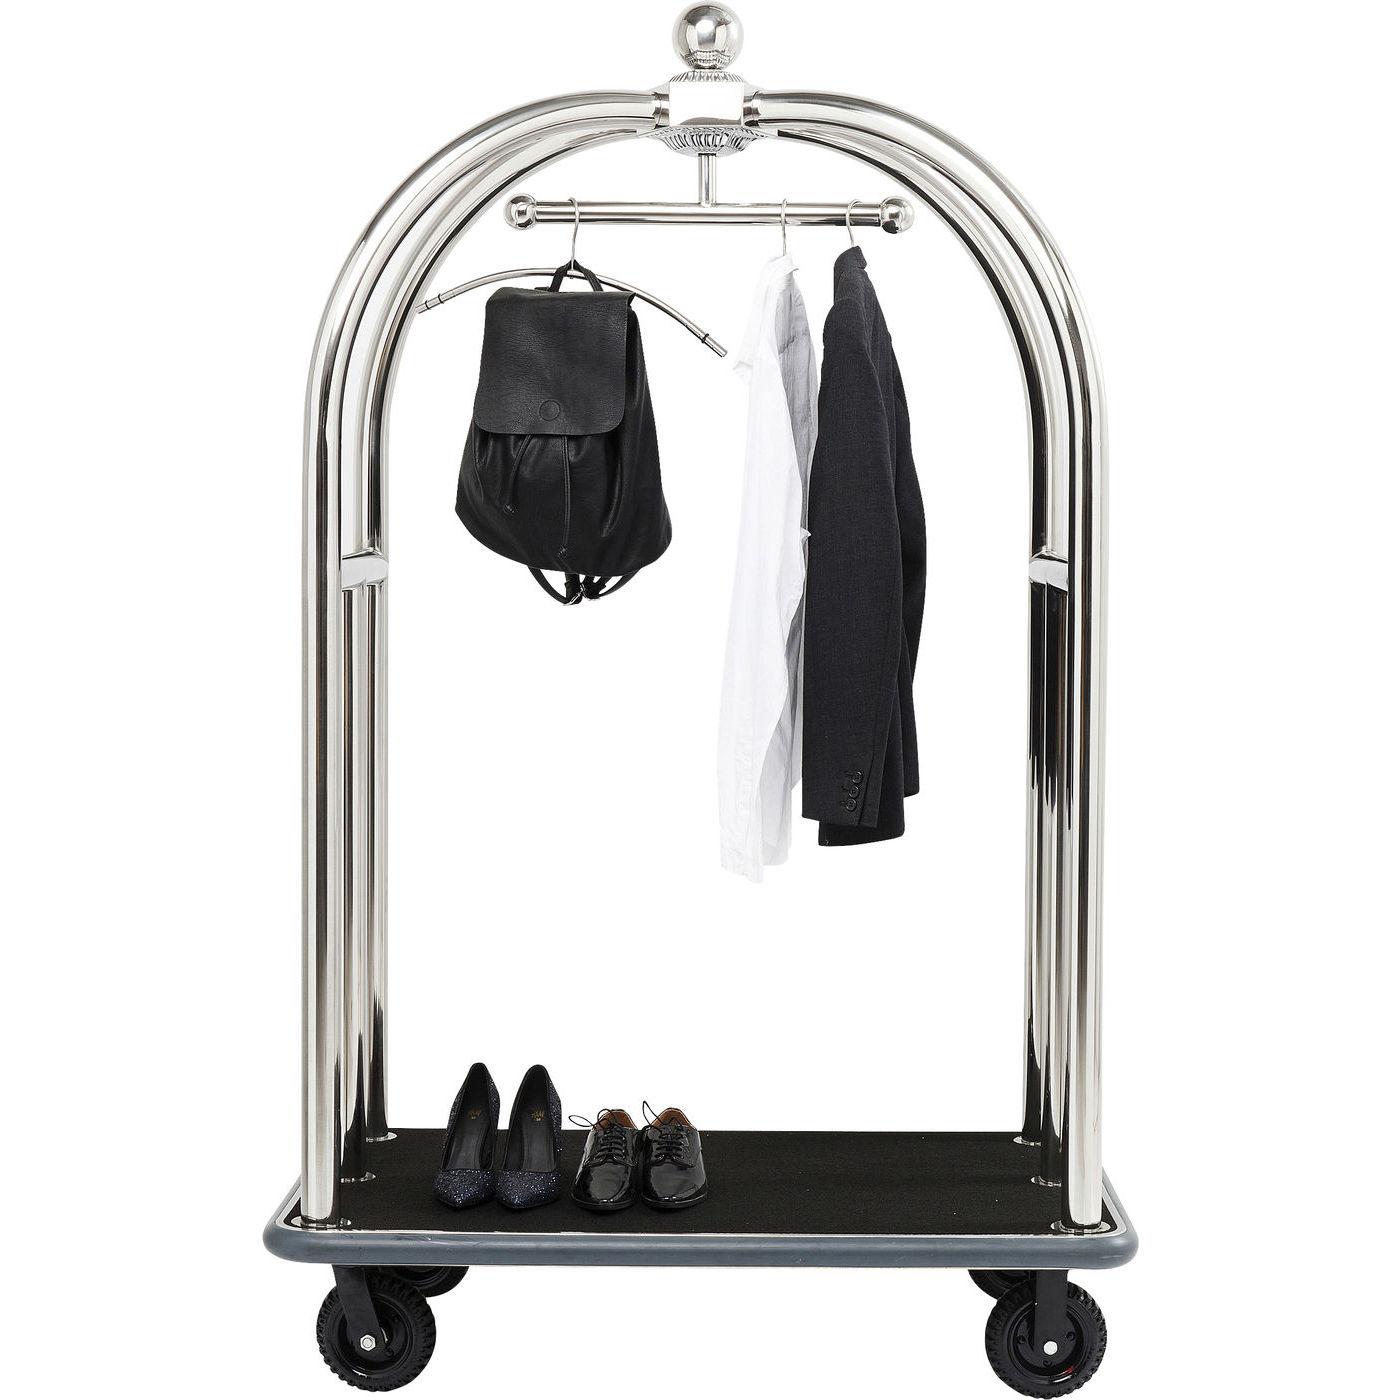 KARE DESIGN VIP Baggage Trolley Vegas Silver garderobestativ – sølv stål, m. hylde og hjul